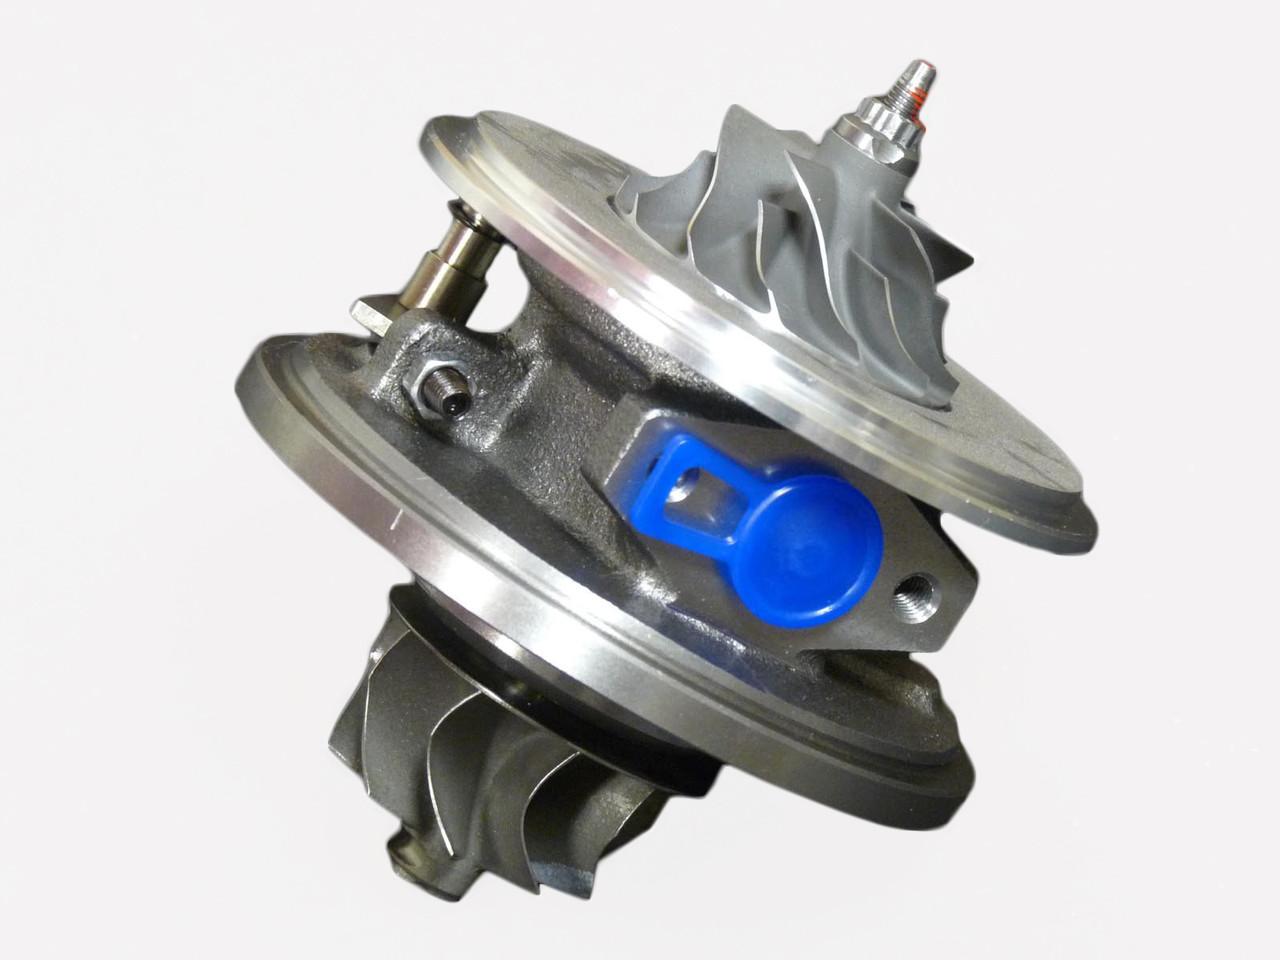 Картридж турбины BMW 320d/ X3 2.0d от 2001 г.в. 150 л.с. 717478-0001, 717478-0002, 717478-0003